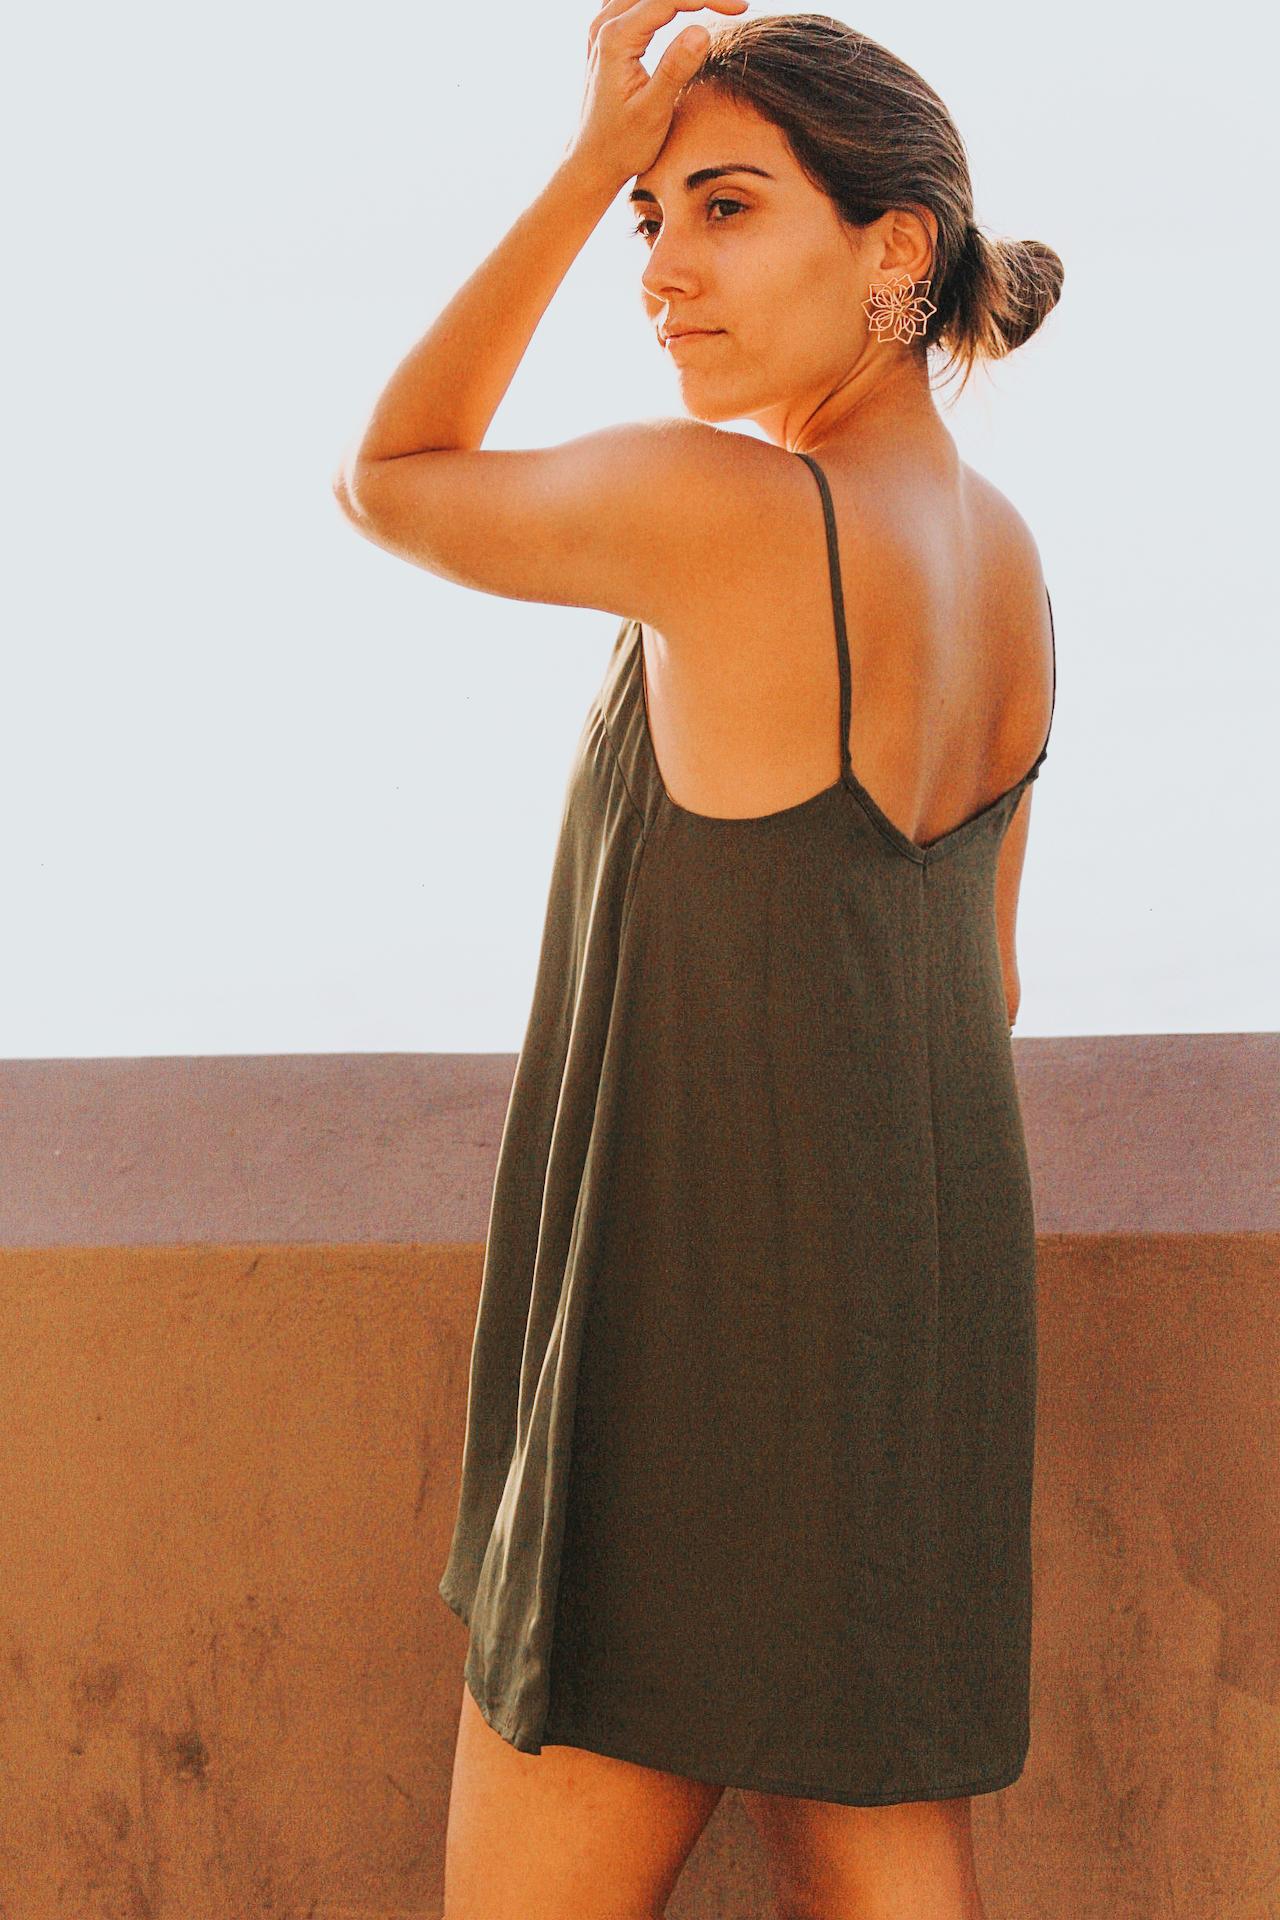 Vestido de gasa con forro de chalis, corto   Medidas:   S: Largo 78cm, Ancho Pecho 46cm, Ancho espalda 42cm, Cisa 25cm